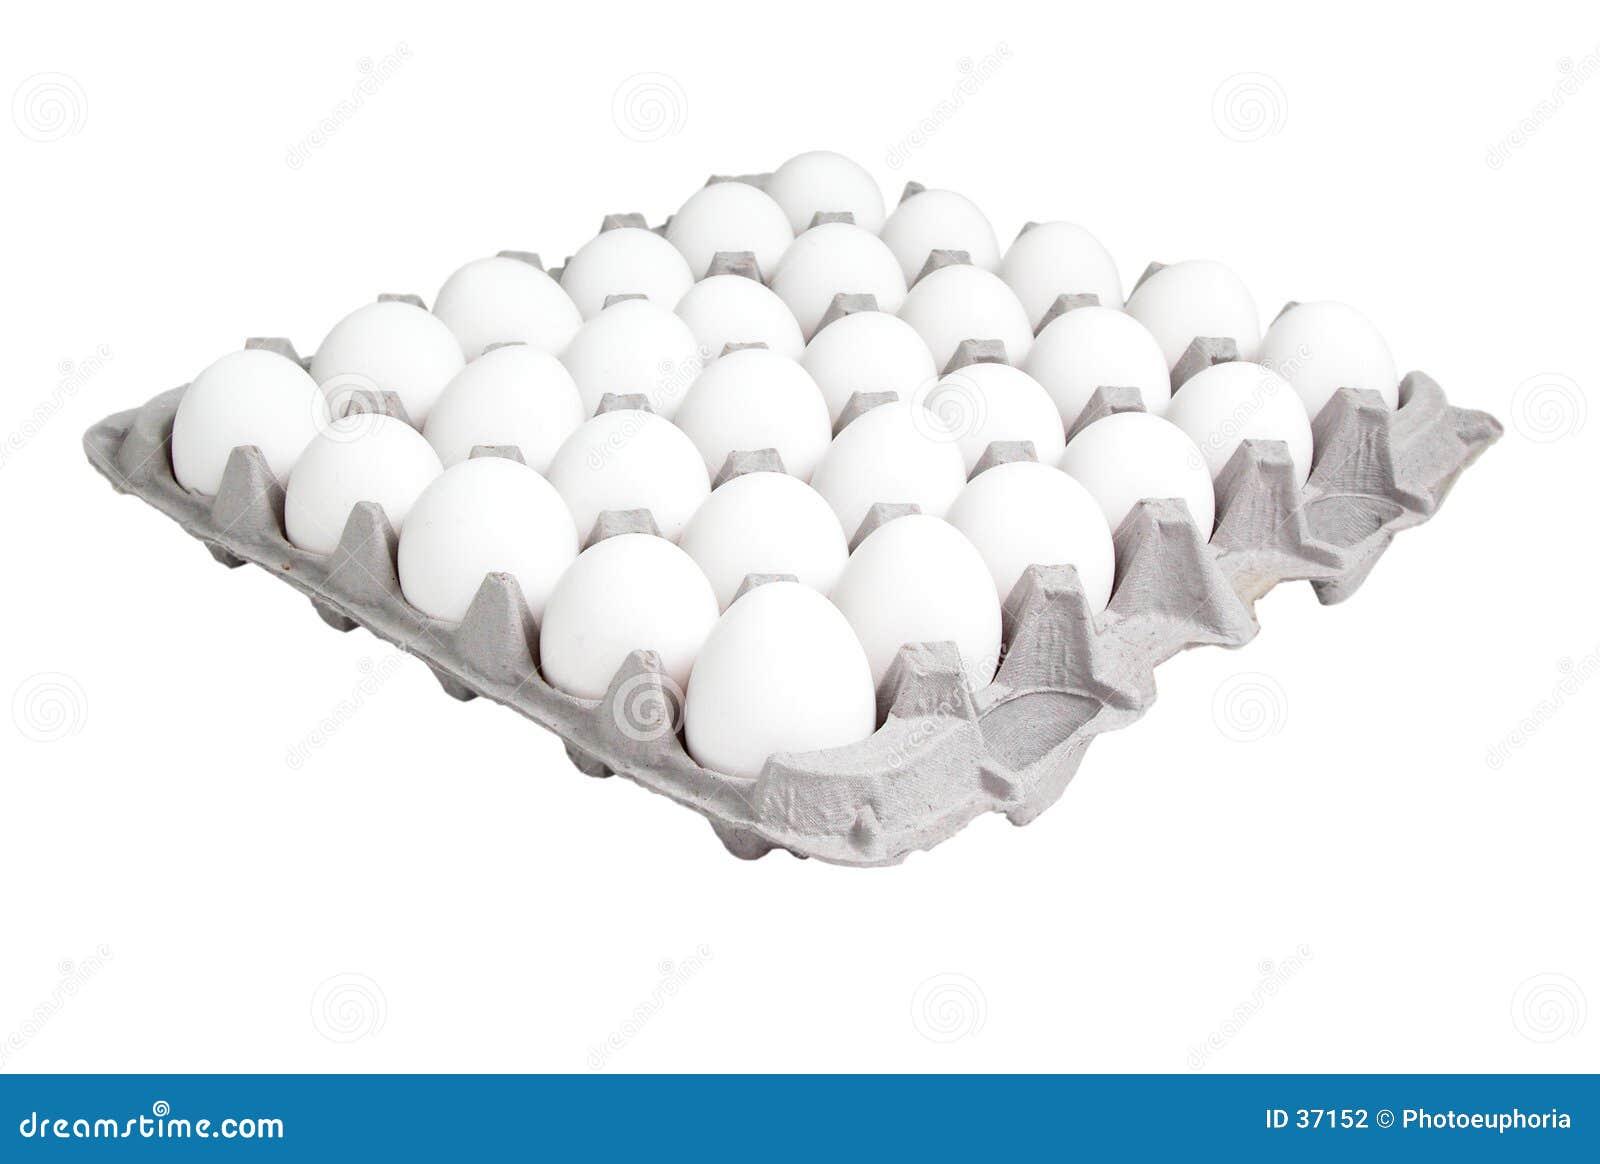 Nahrung: 24 Zählimpuls-Karton Eier